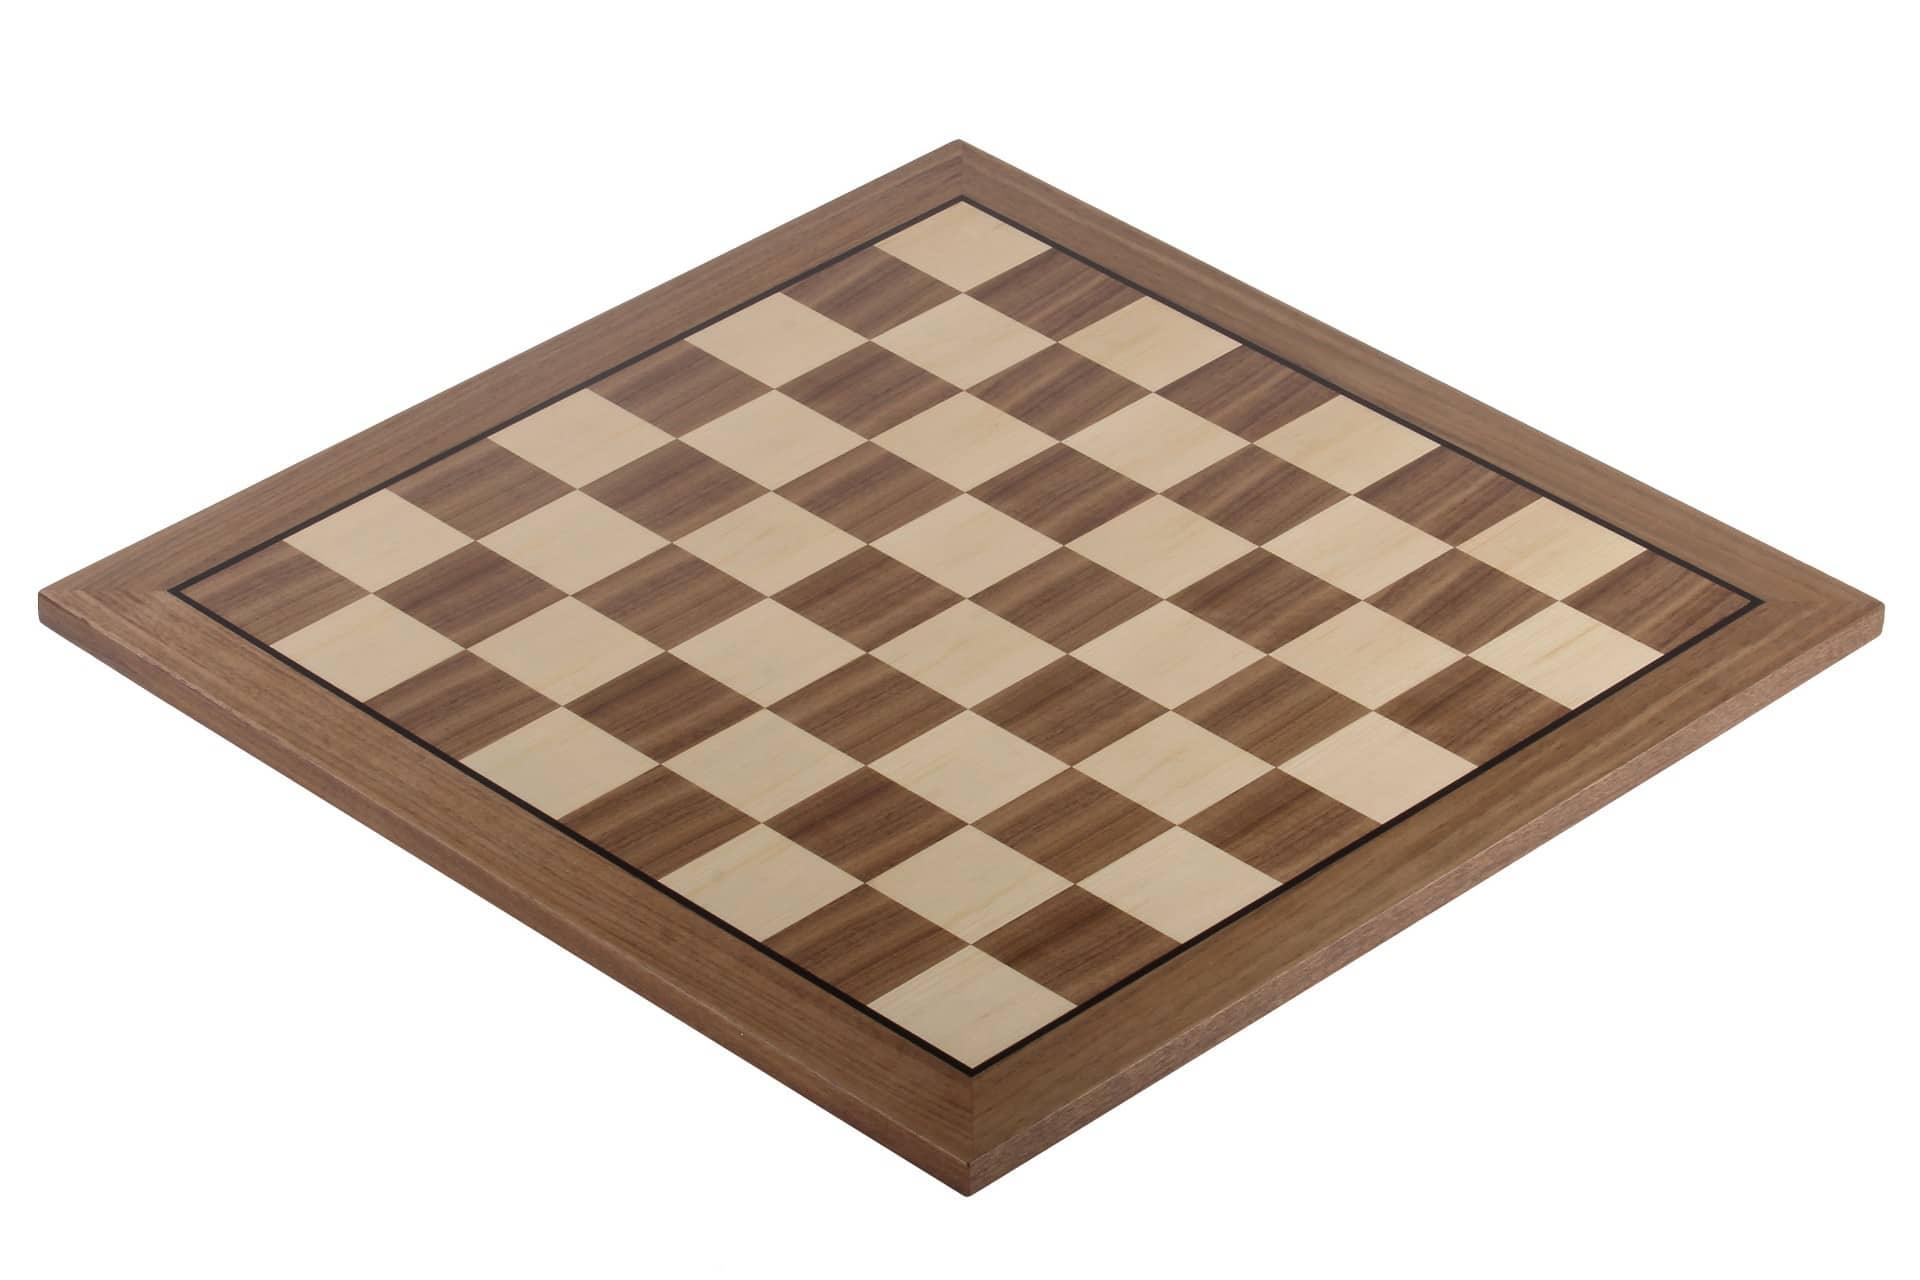 walnut chessboard with black stripe